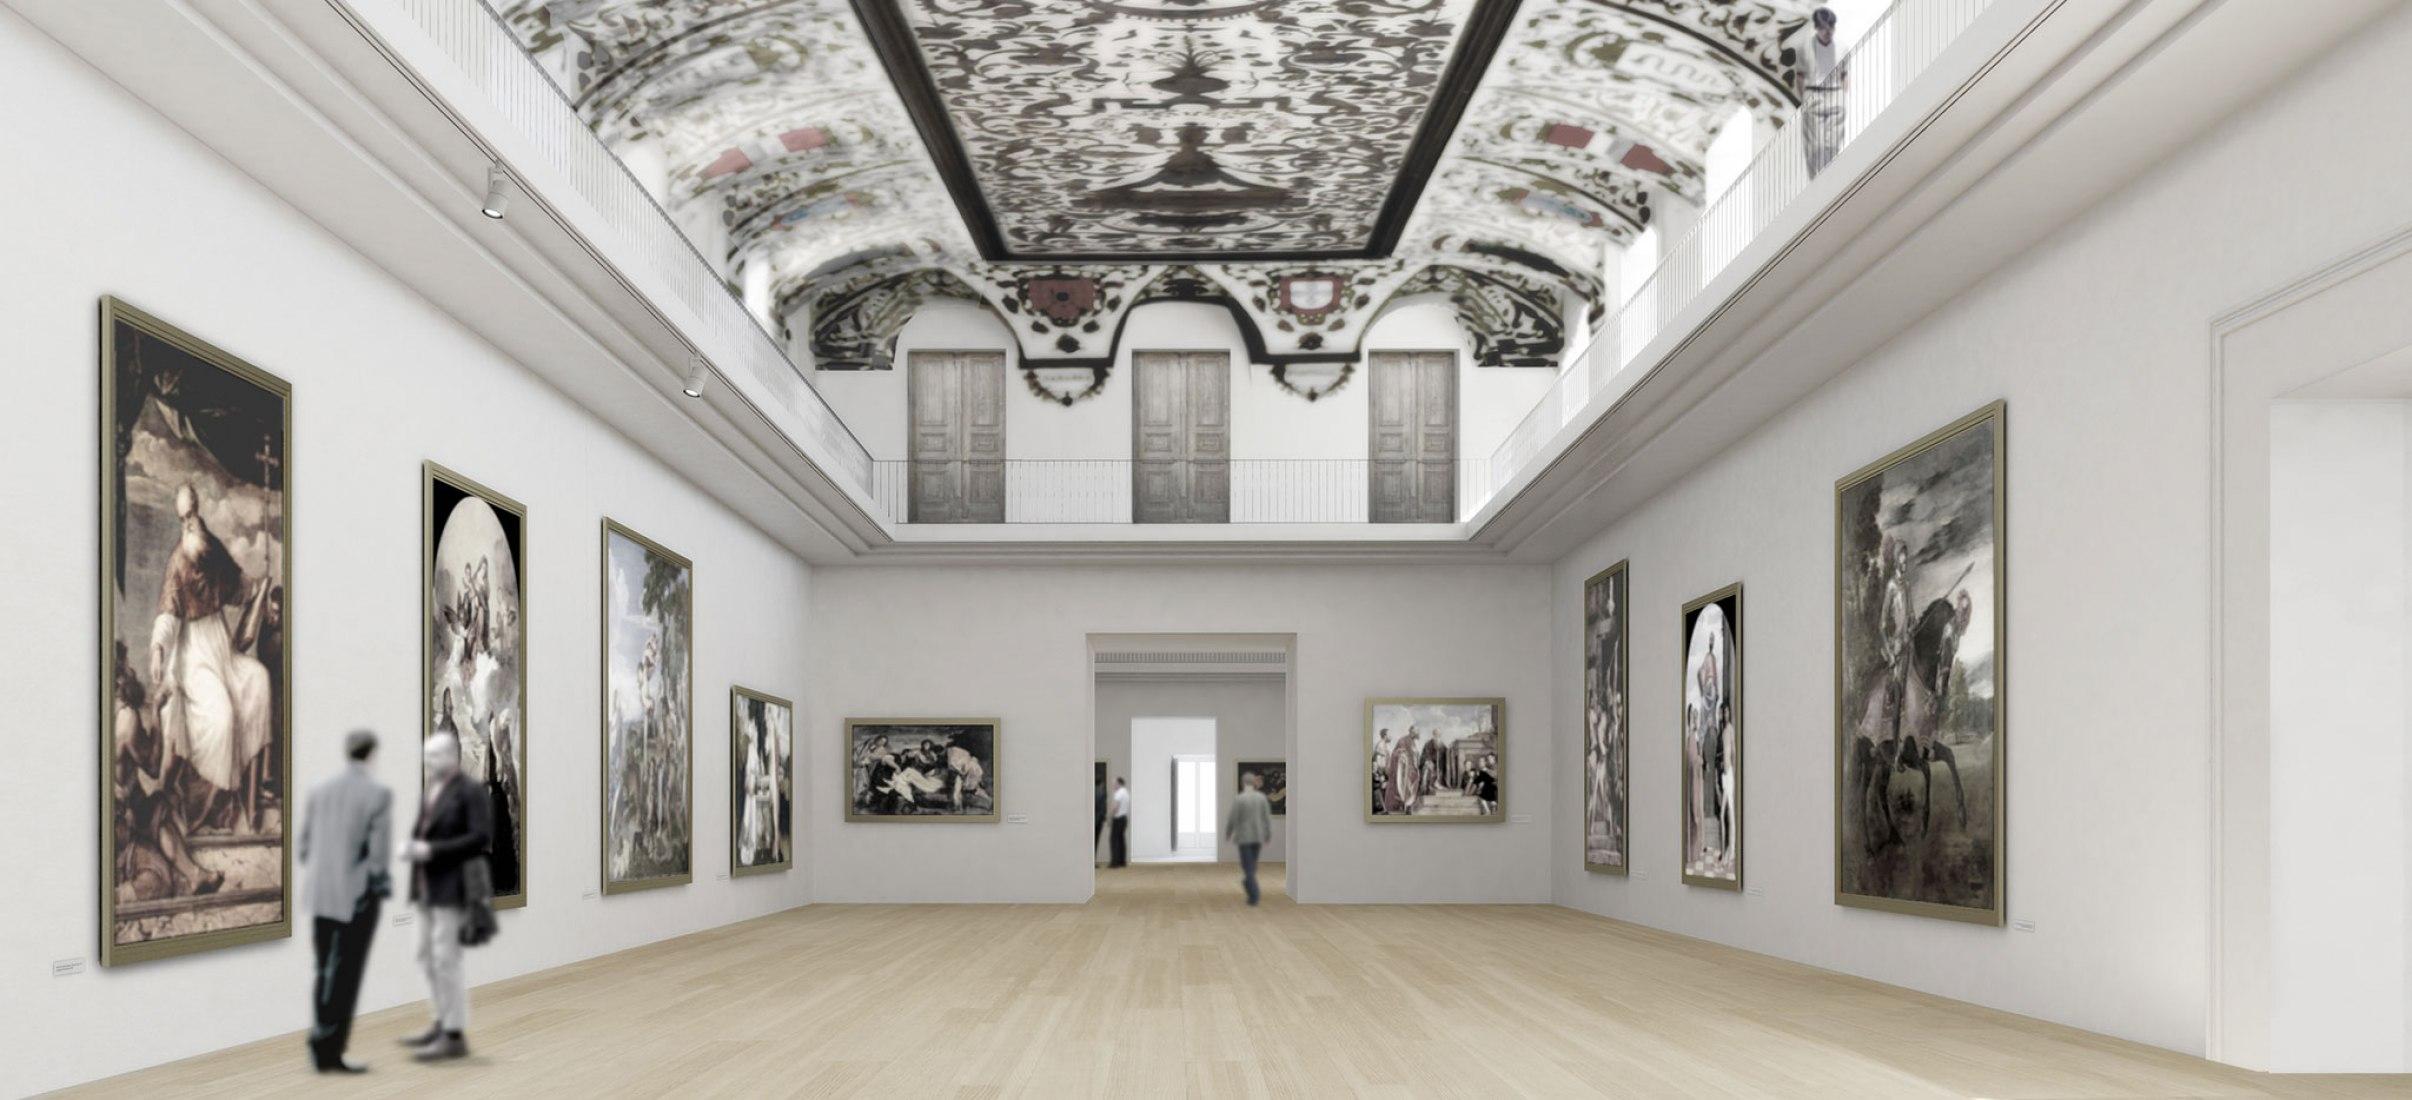 Interior. Proposal by Souto Moura Arquitectos and Juan Miguel Hernández León and Carlos de Riaño Lozano for the enlargement of El Prado Museum. Image courtesy of Souto de Moura.